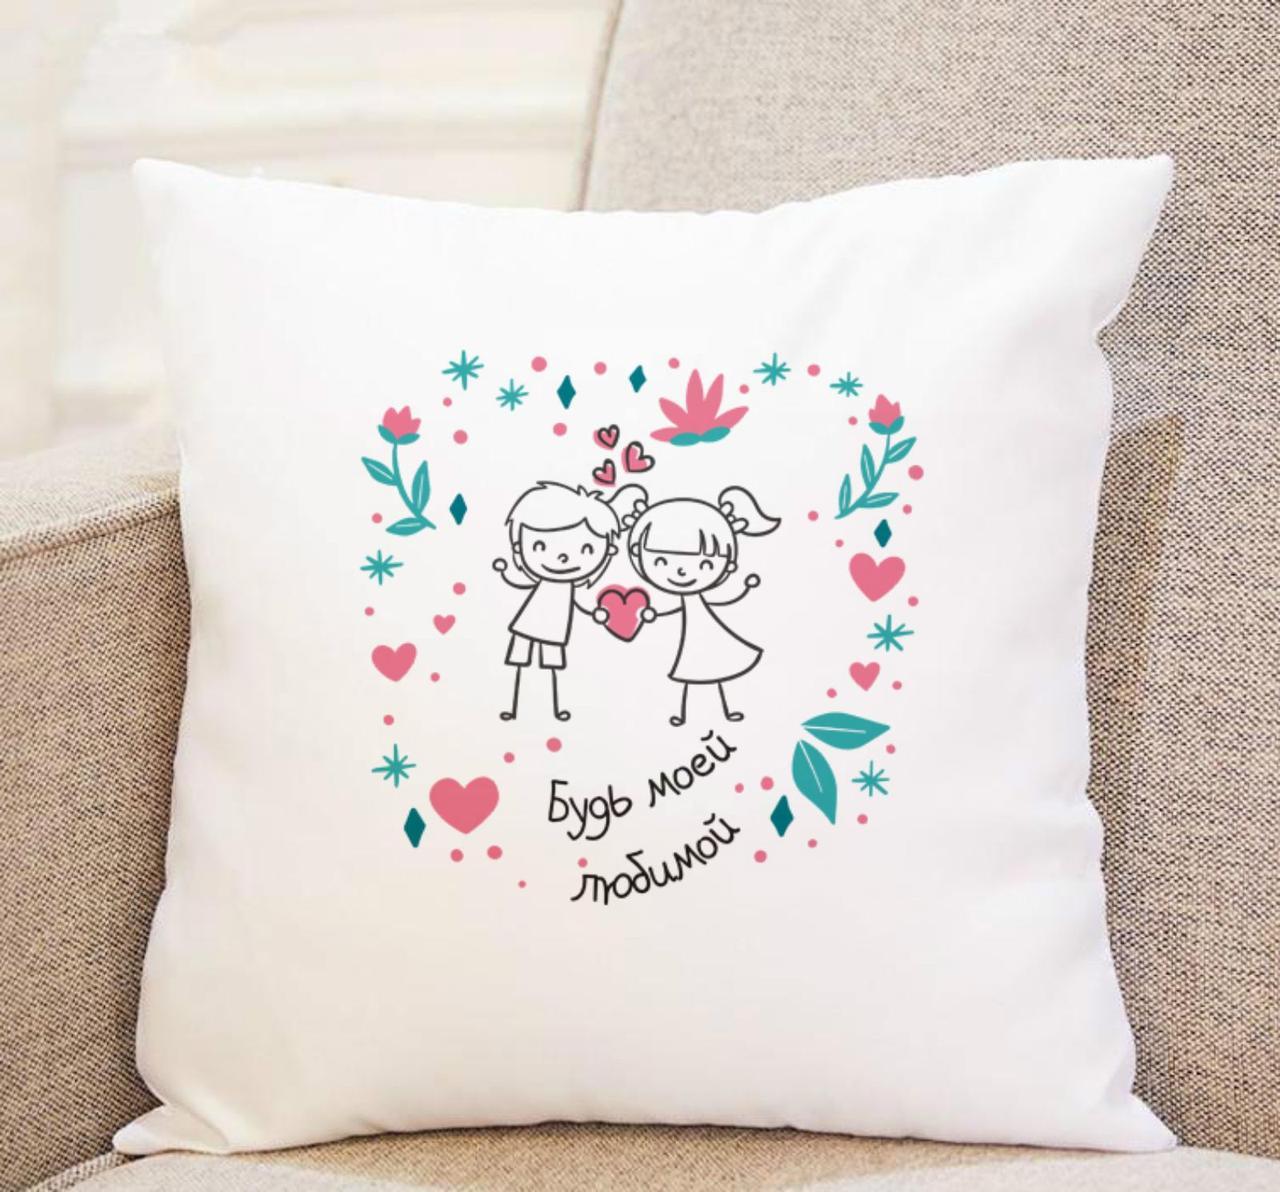 """Подушки для любимых – трогательный подарок любимому человеку, 35*35 см """"Будь моей любимой"""""""